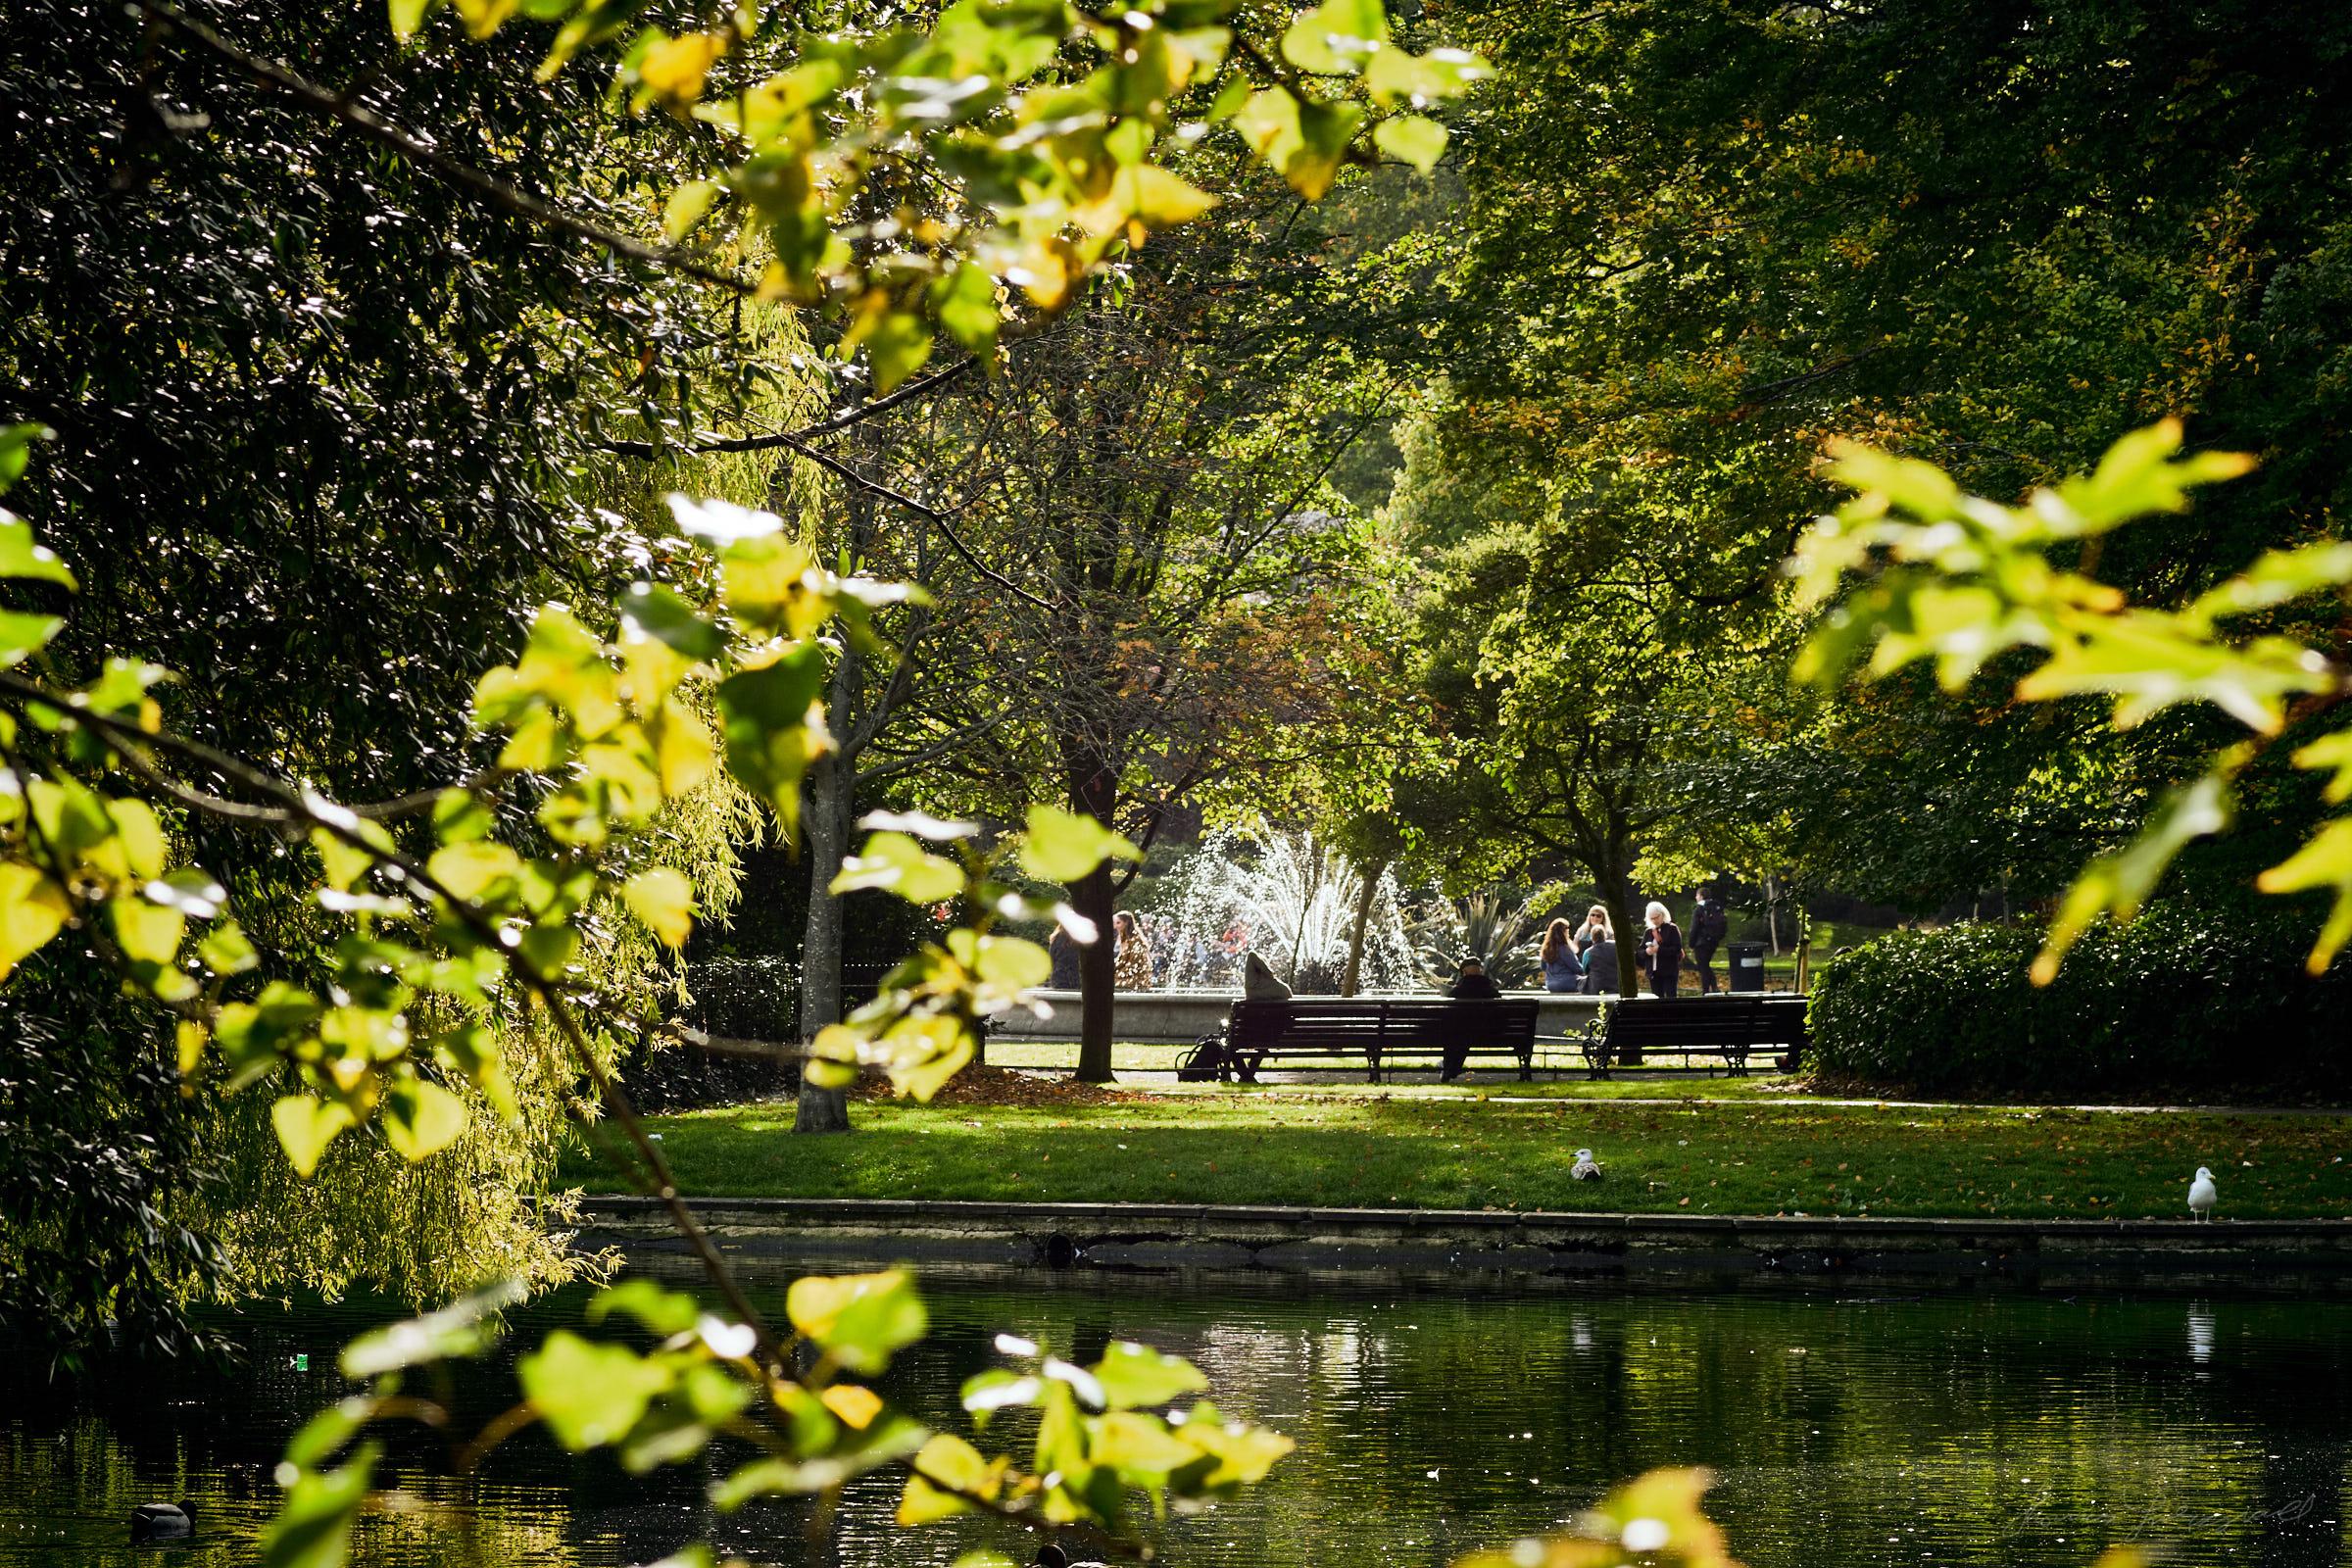 Street-and-park-autumn-426-Jpeg for Web.jpg